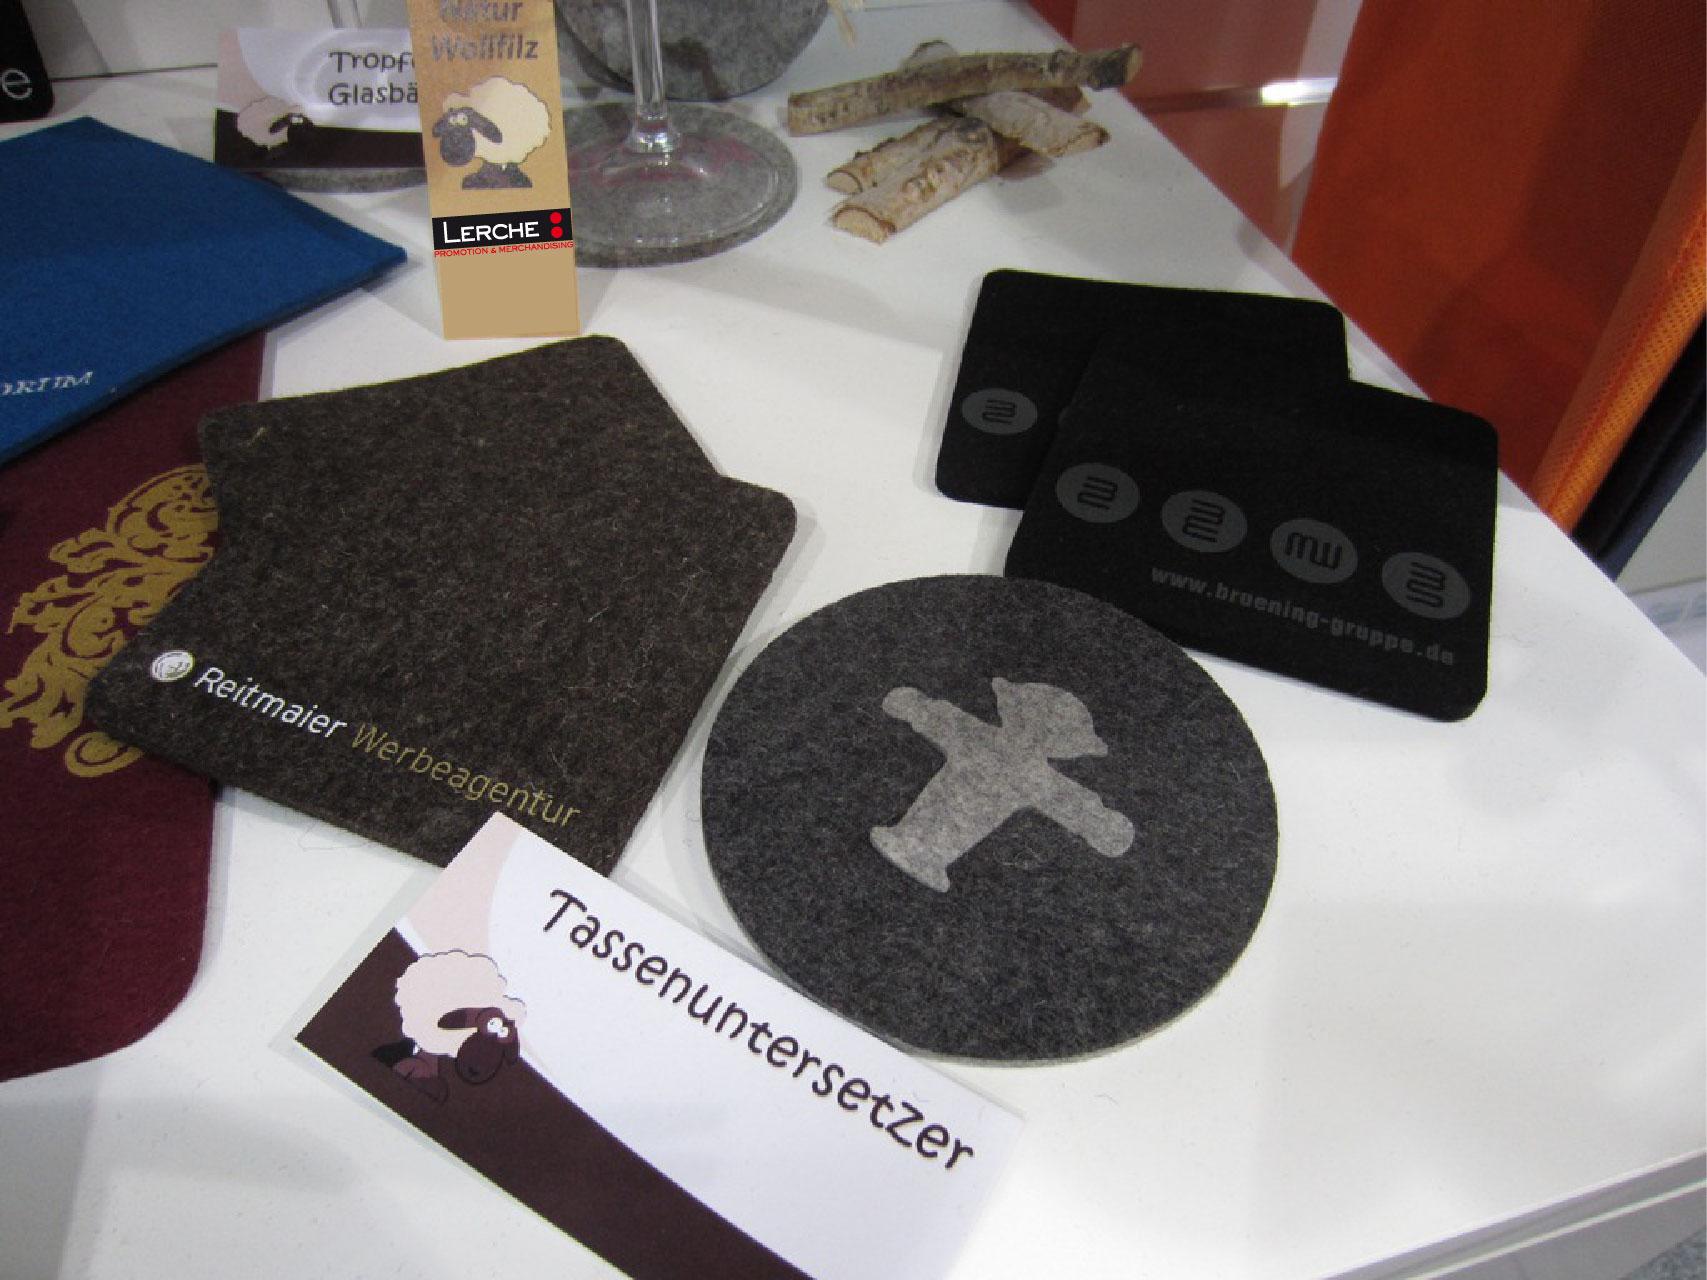 neues von der filz front die neuesten filz produkte f r. Black Bedroom Furniture Sets. Home Design Ideas